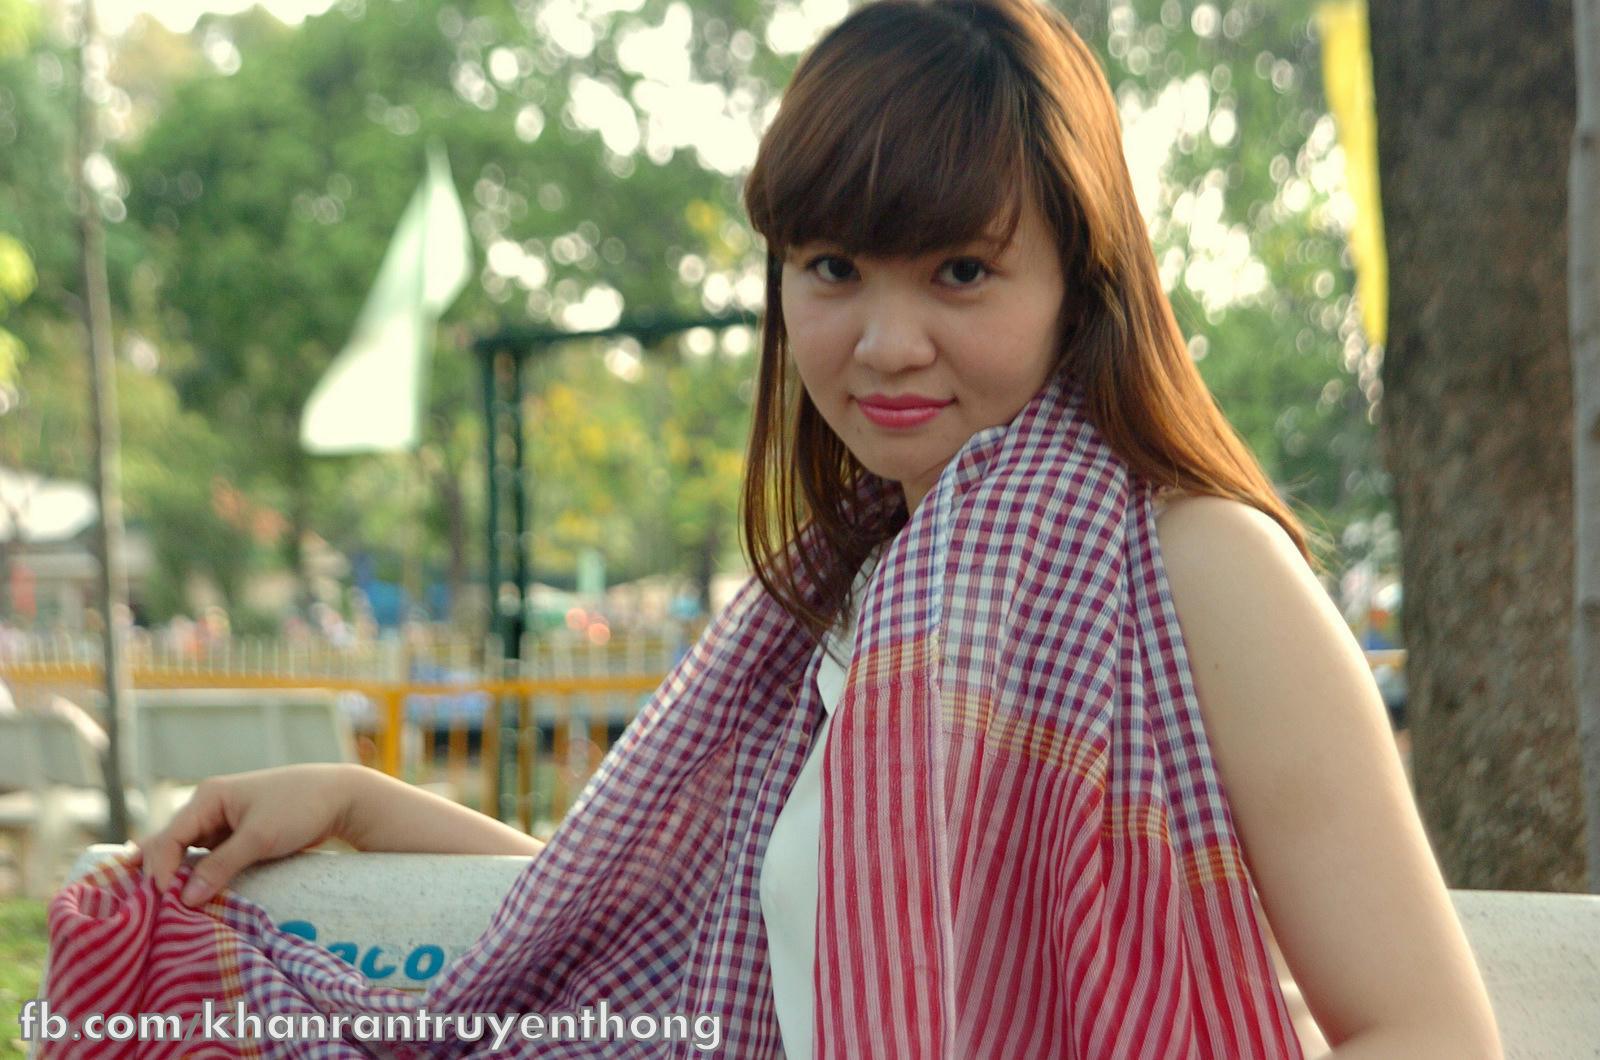 Bán sỉ, lẻ khăn rằn Nam bộ, khăn rằn Campuchia - Giá bán tốt nhất hiện nay - 5